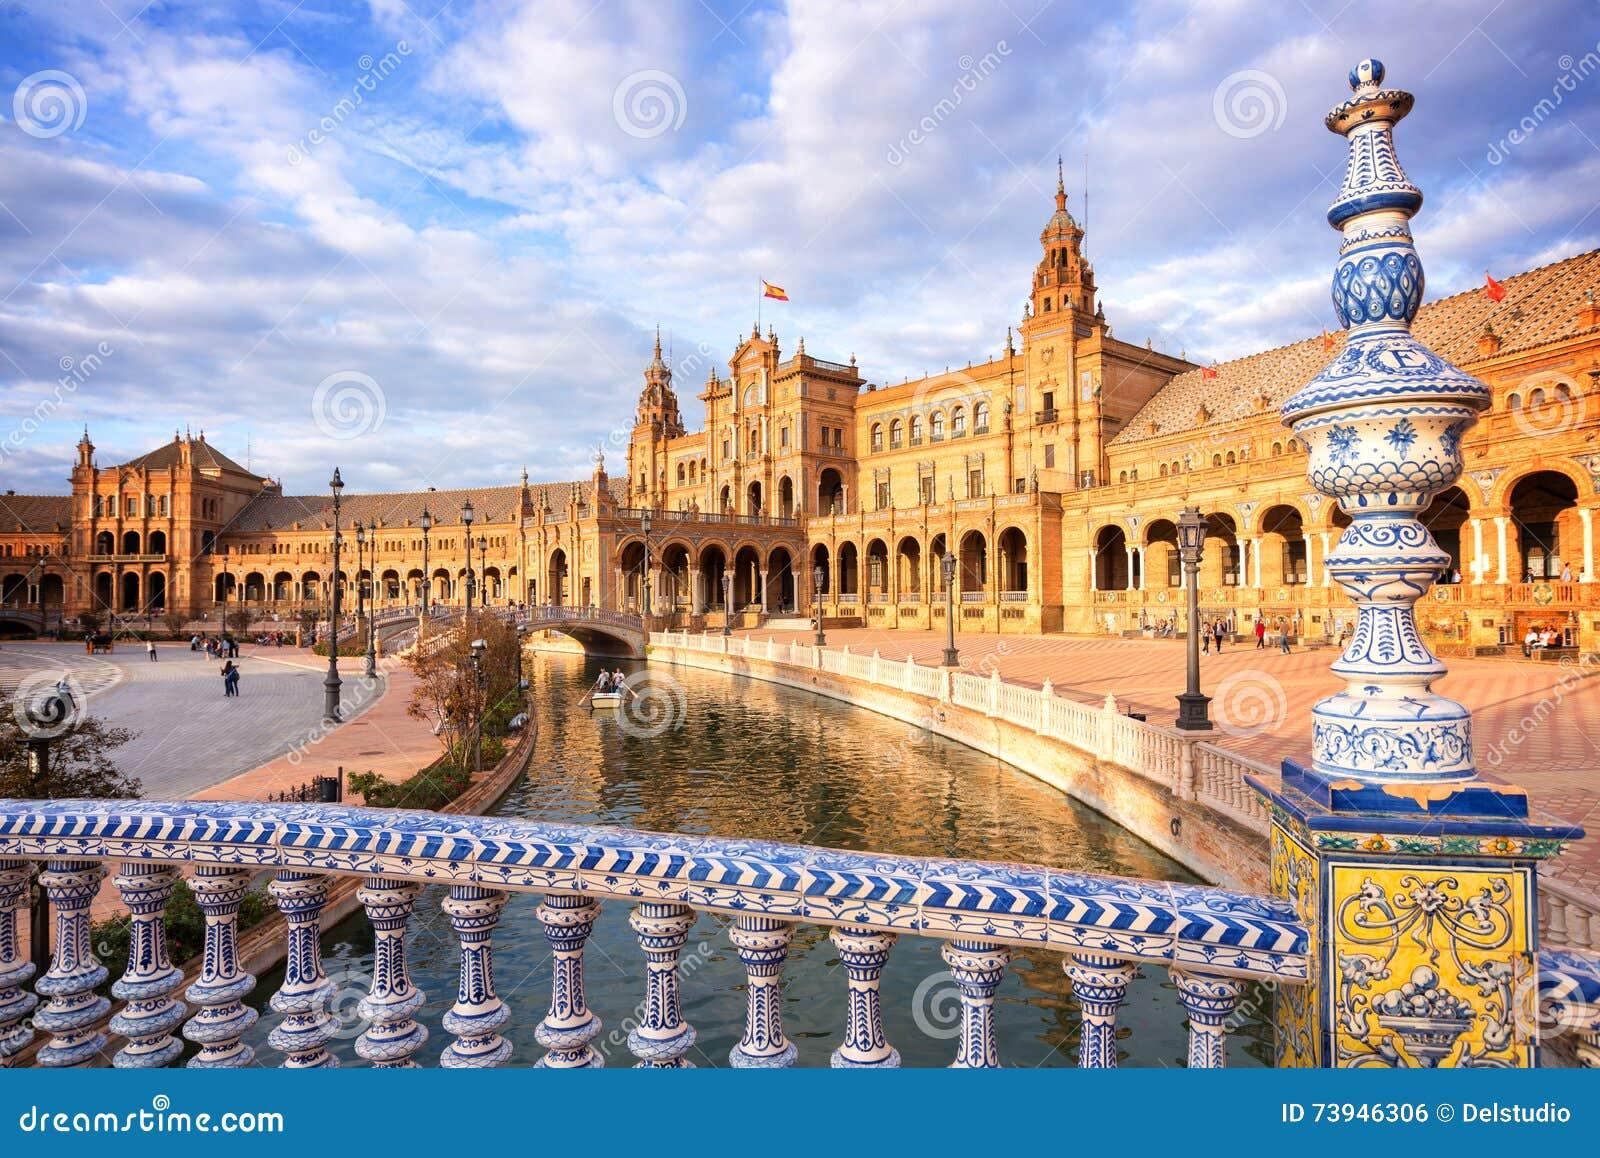 Plaza de Espana (quadrato della Spagna) in Siviglia, Andalusia